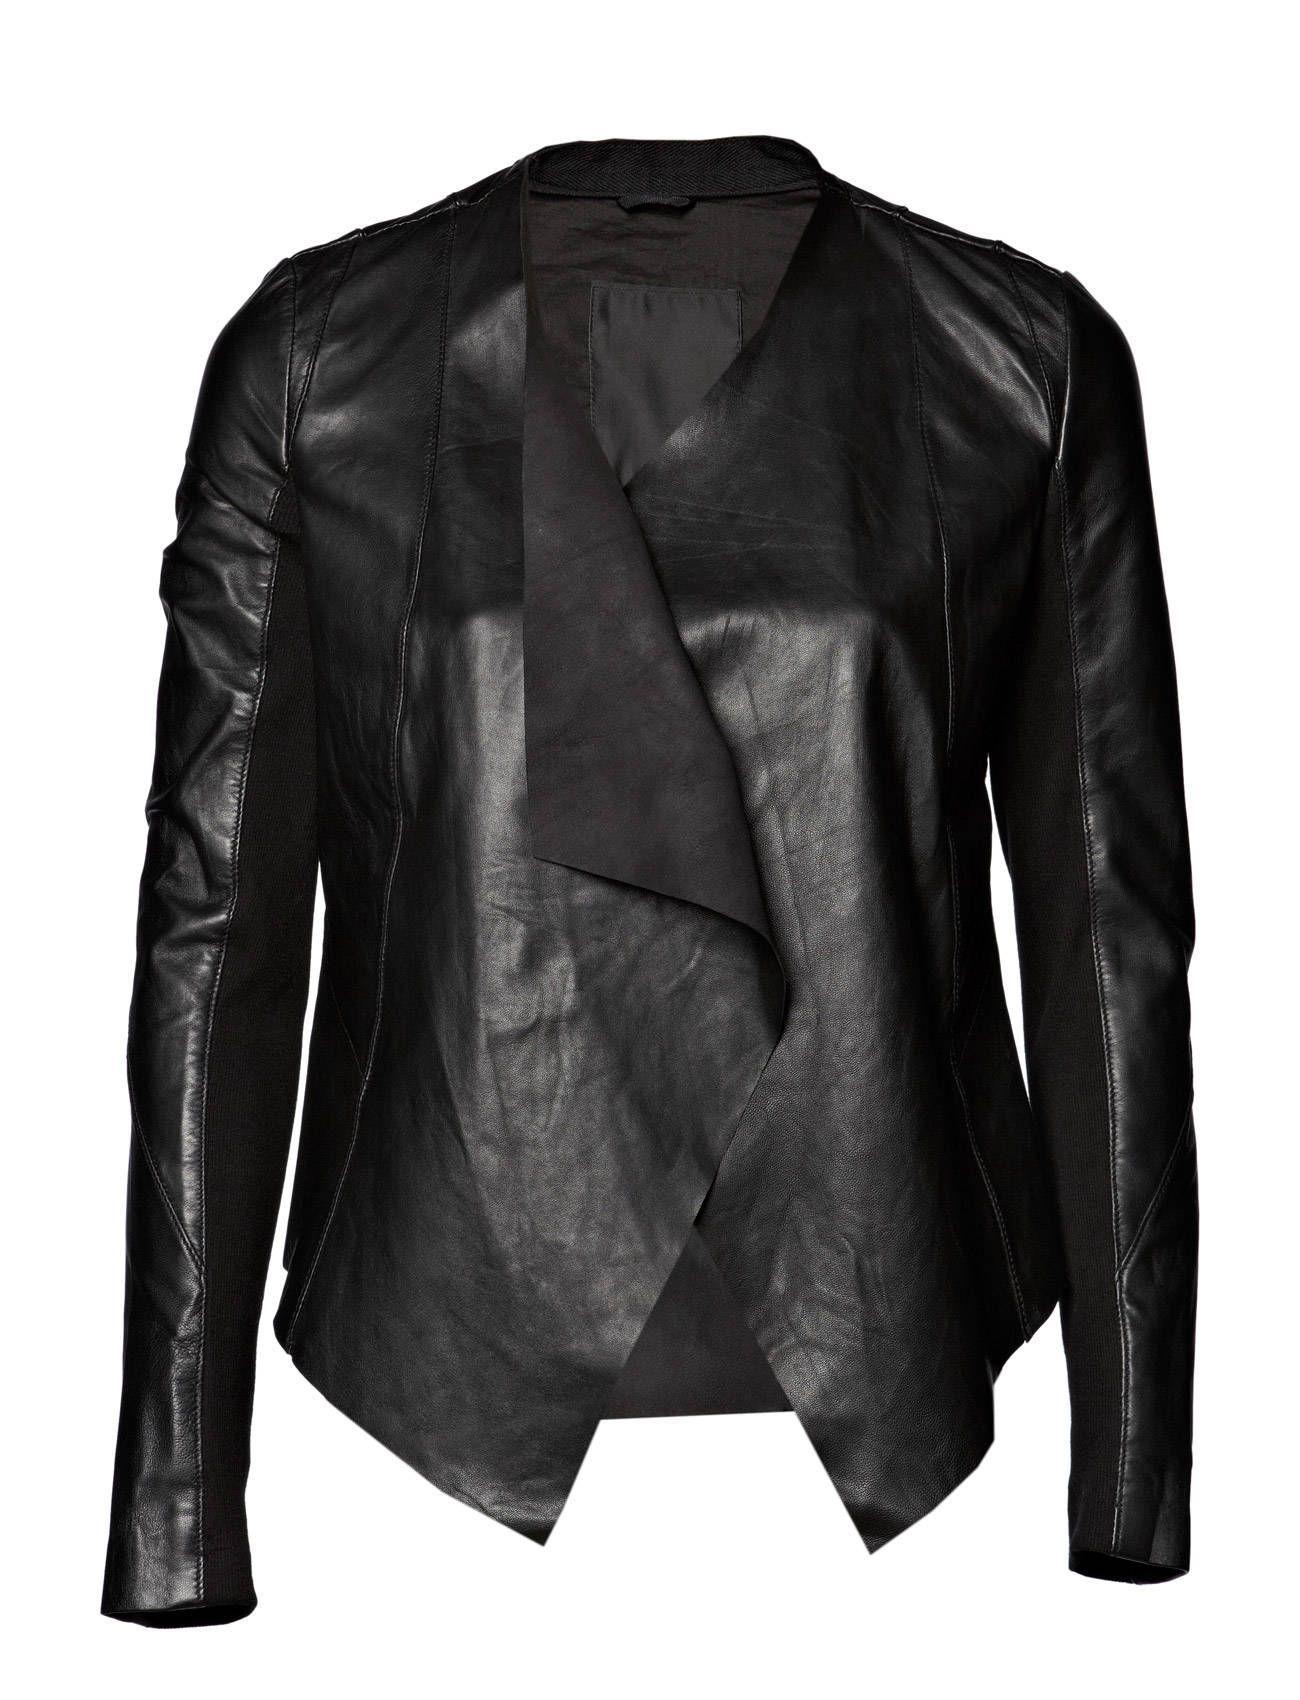 draped leather jacket by ICHI